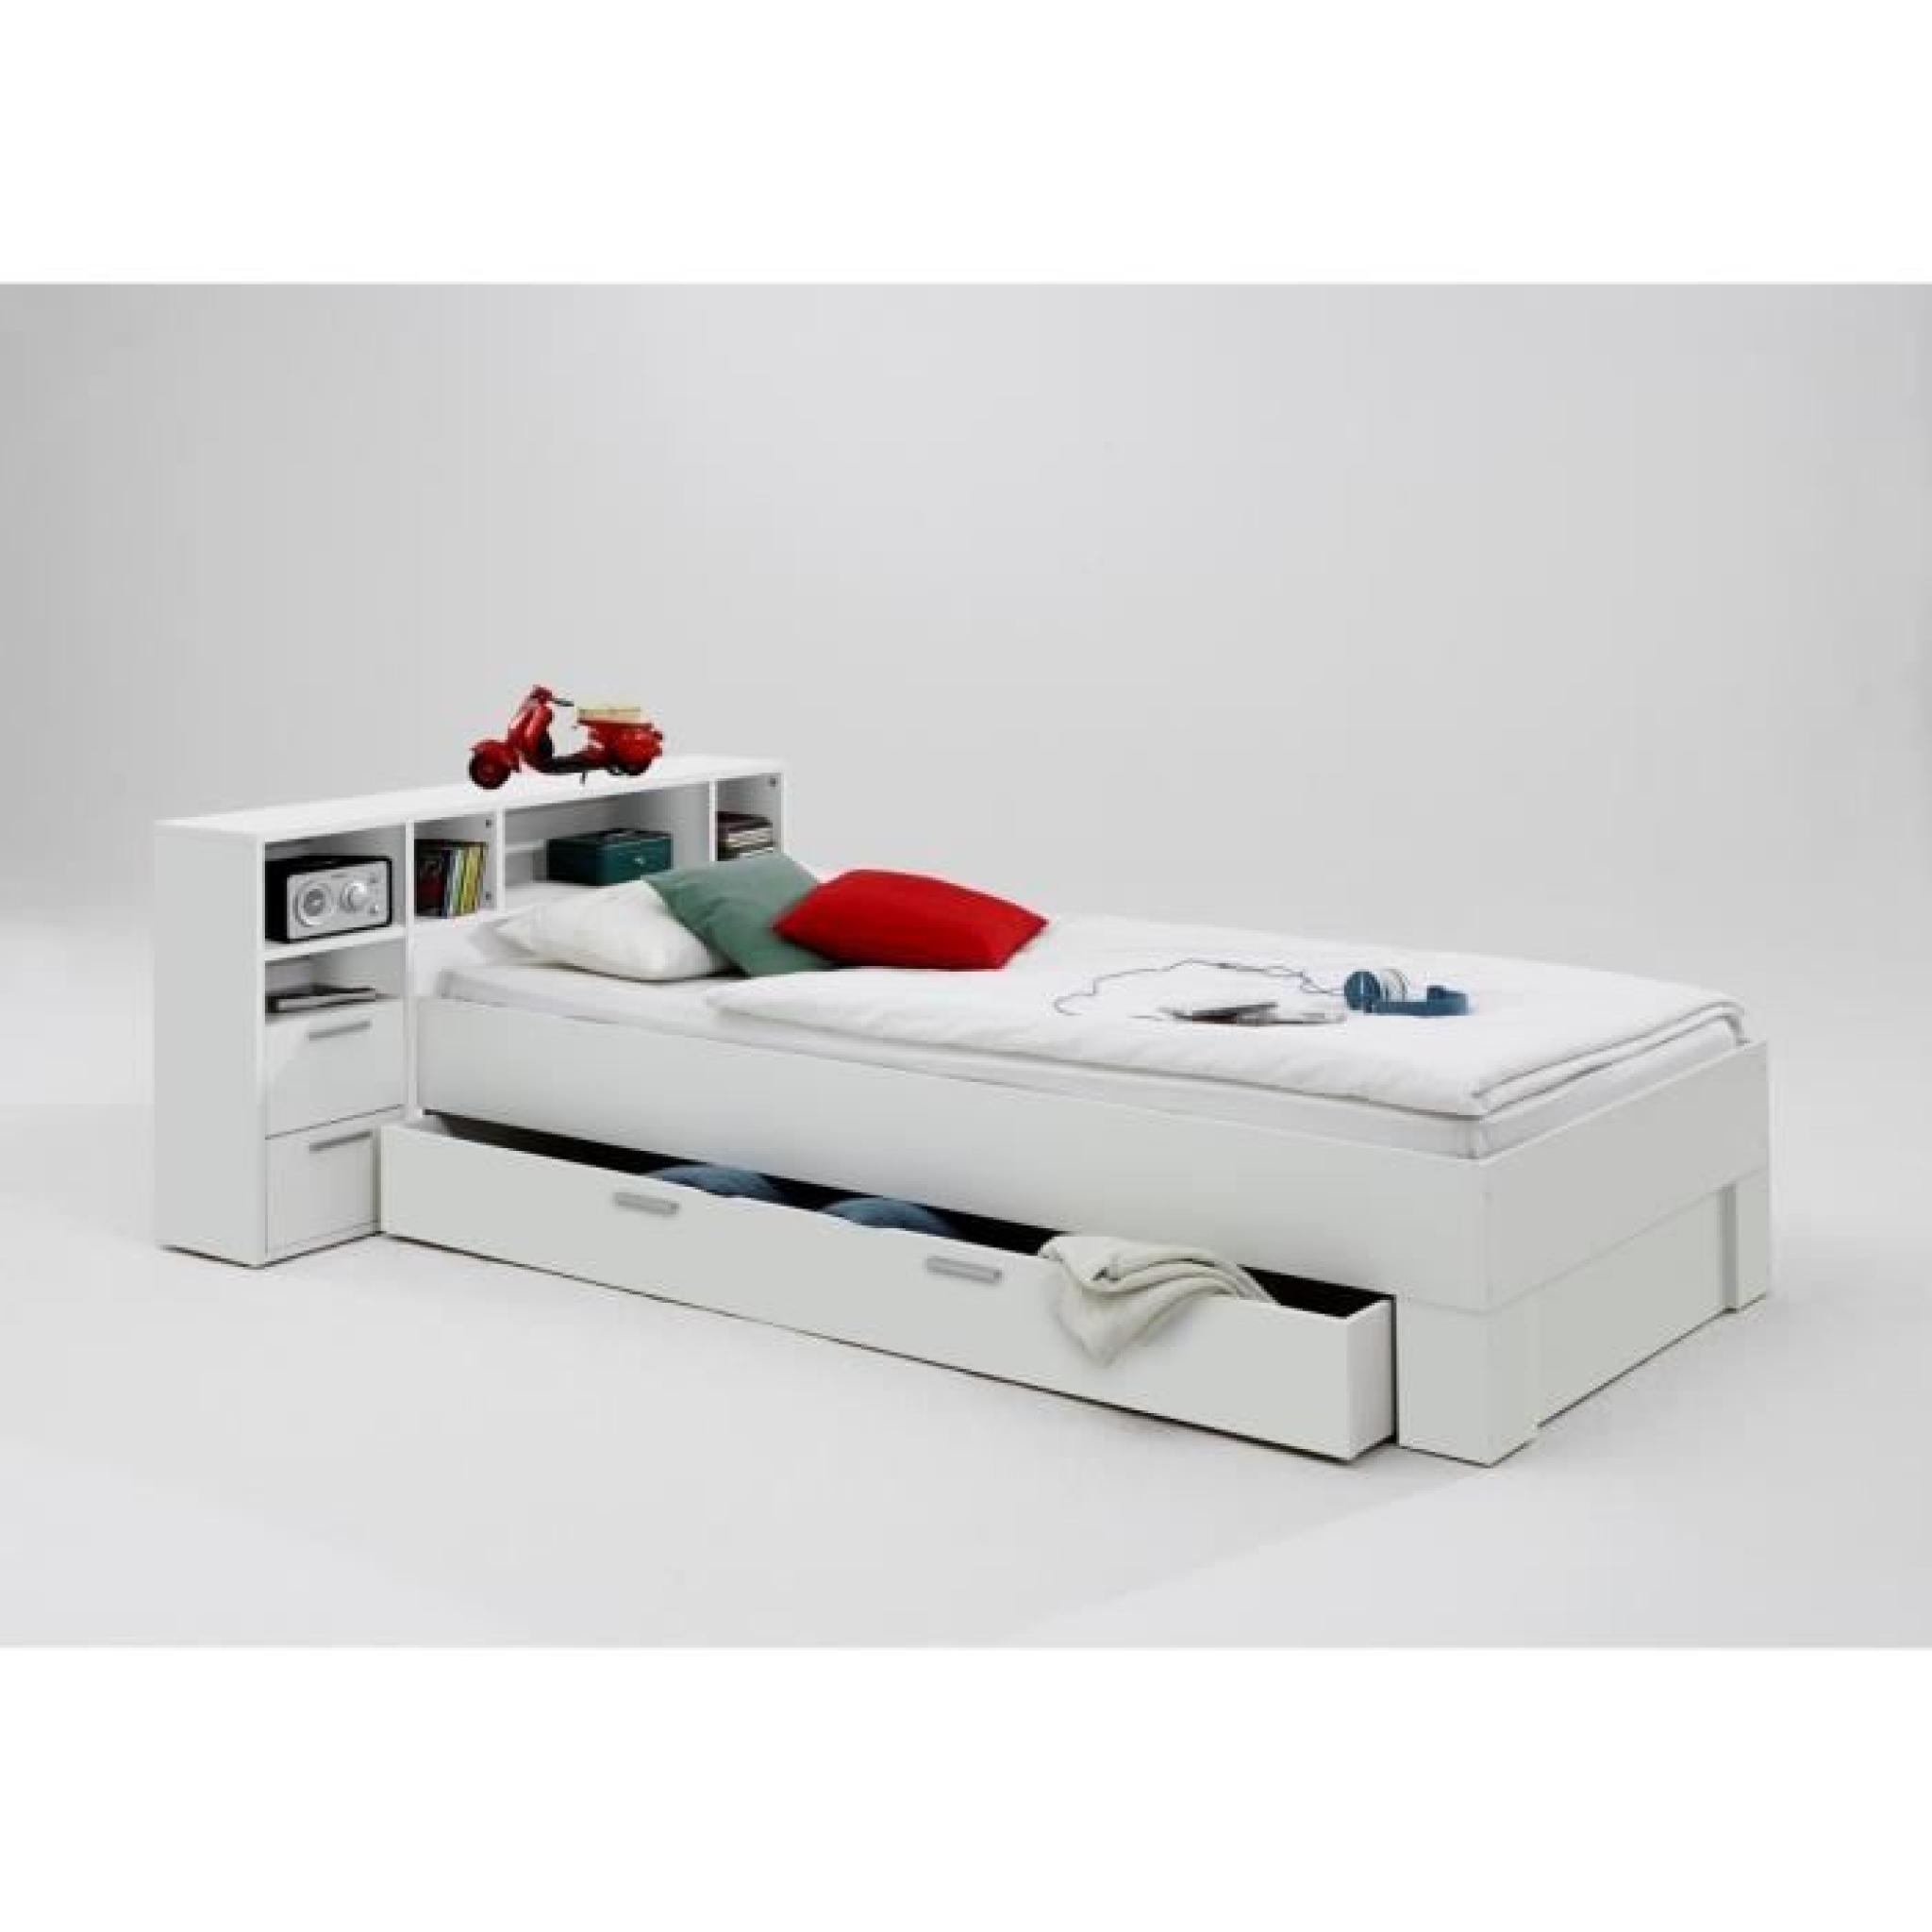 FABIO Lit enfant 90x200 cm blanc - Achat/Vente lit pas cher - Couleur-et-design.fr